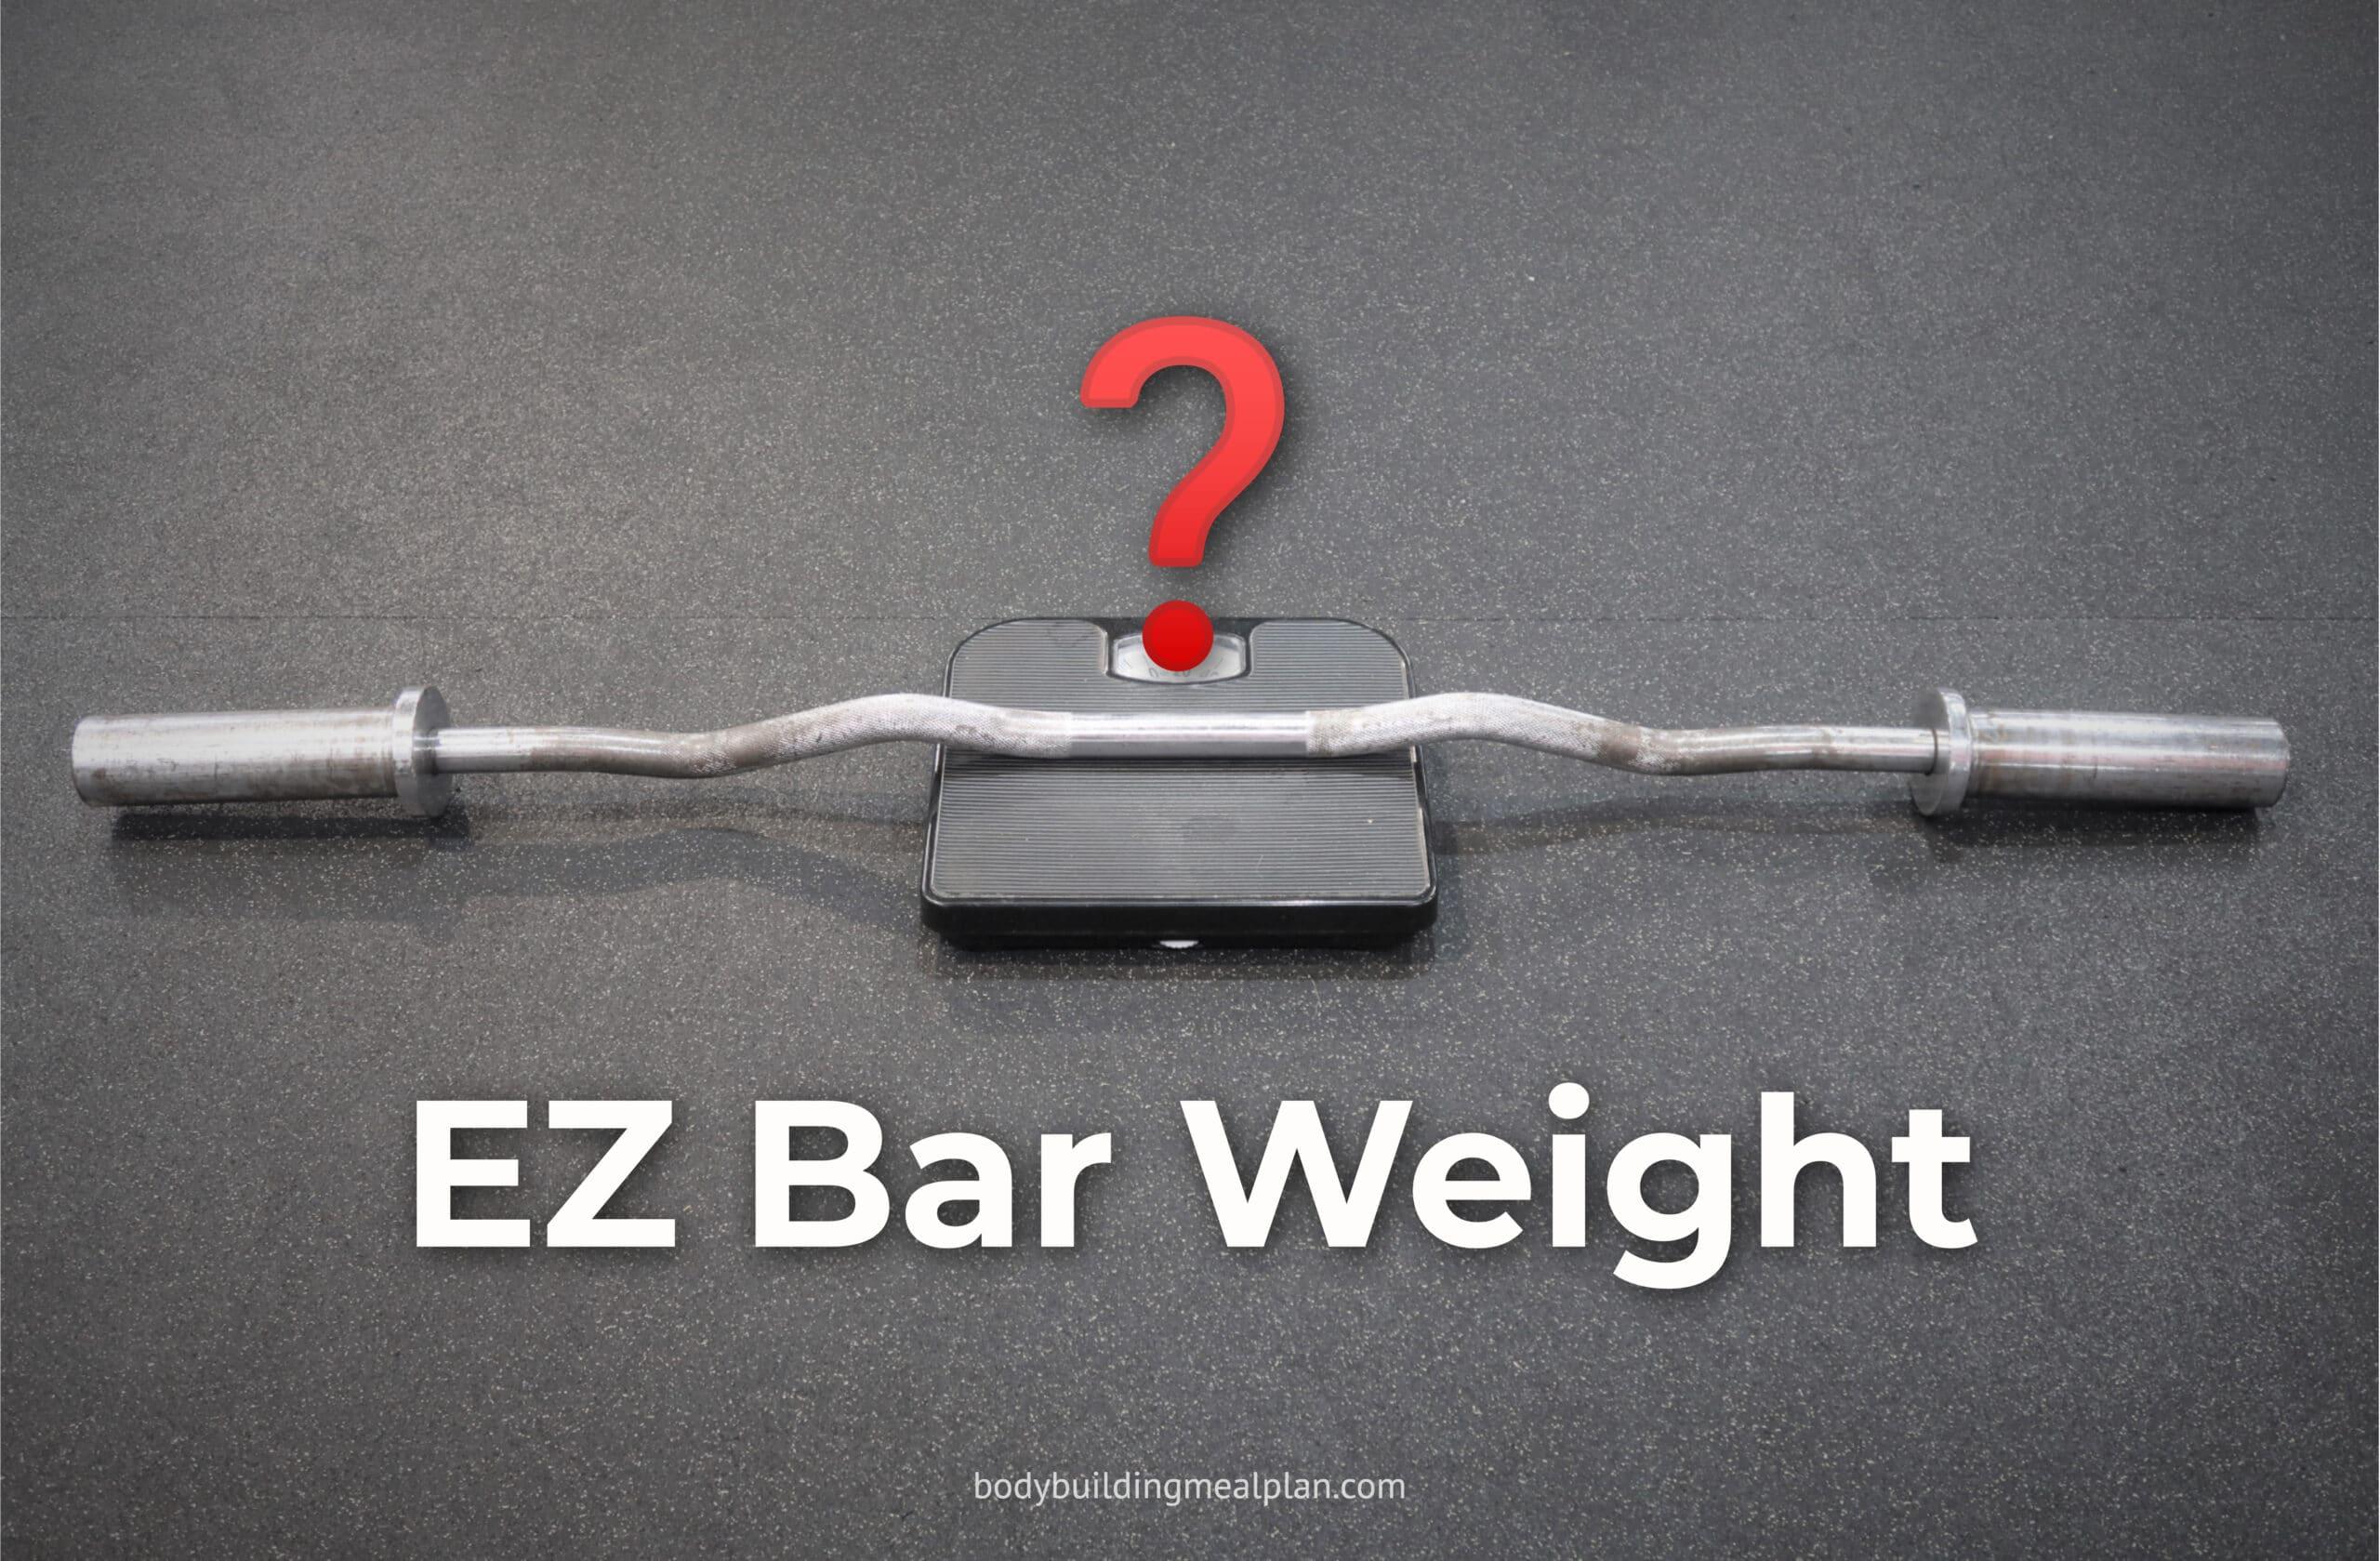 EZ Bar Weight